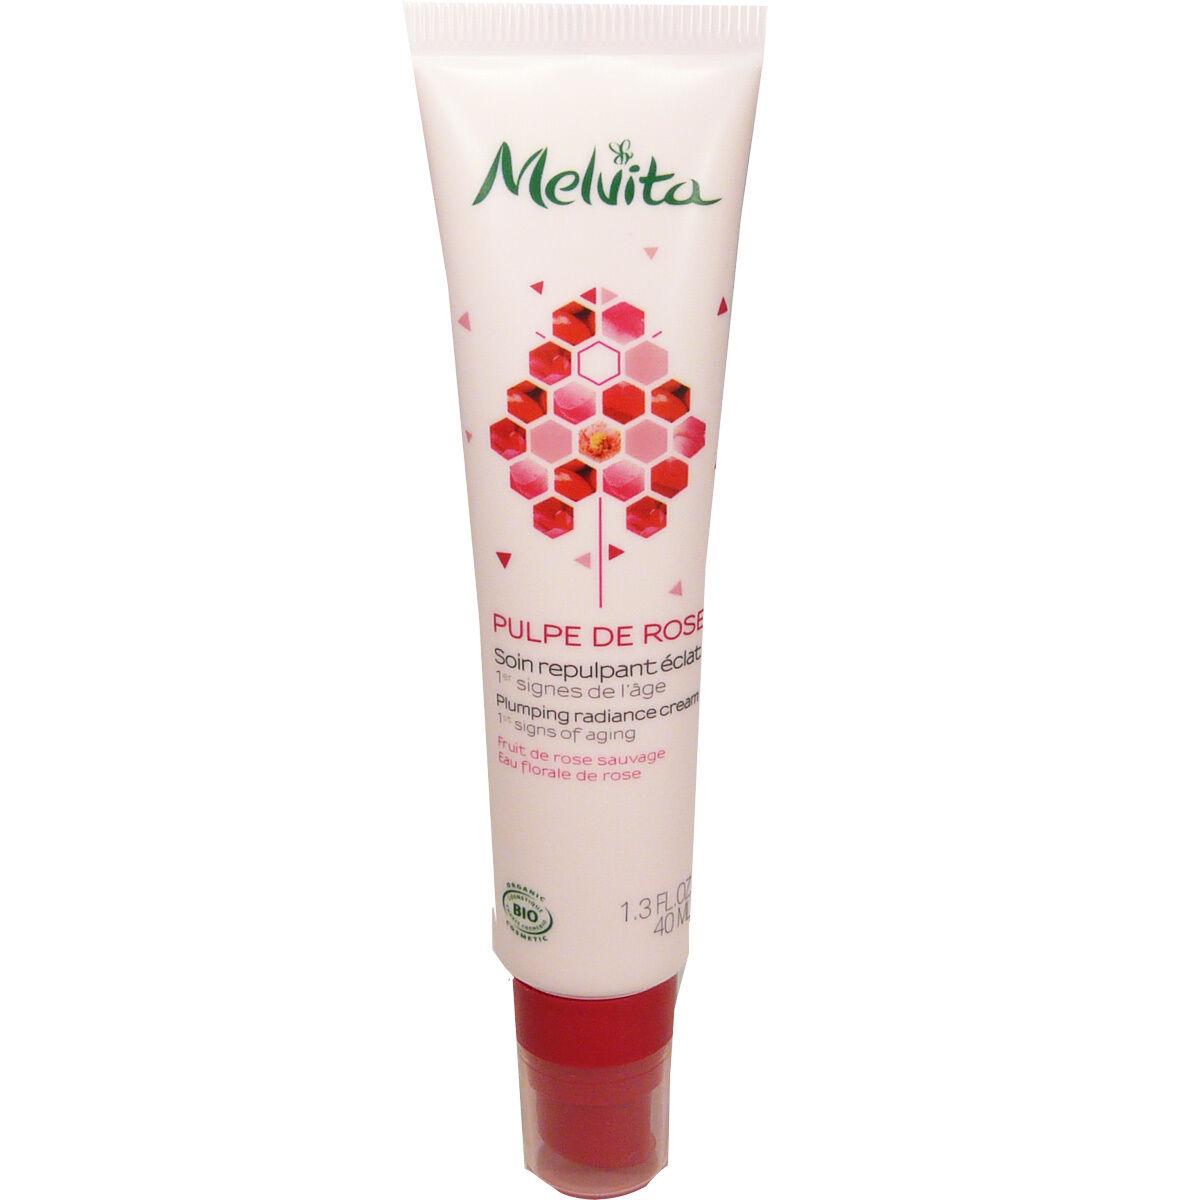 Melvita soin repulpant pulpe de rose 40 ml anti-age